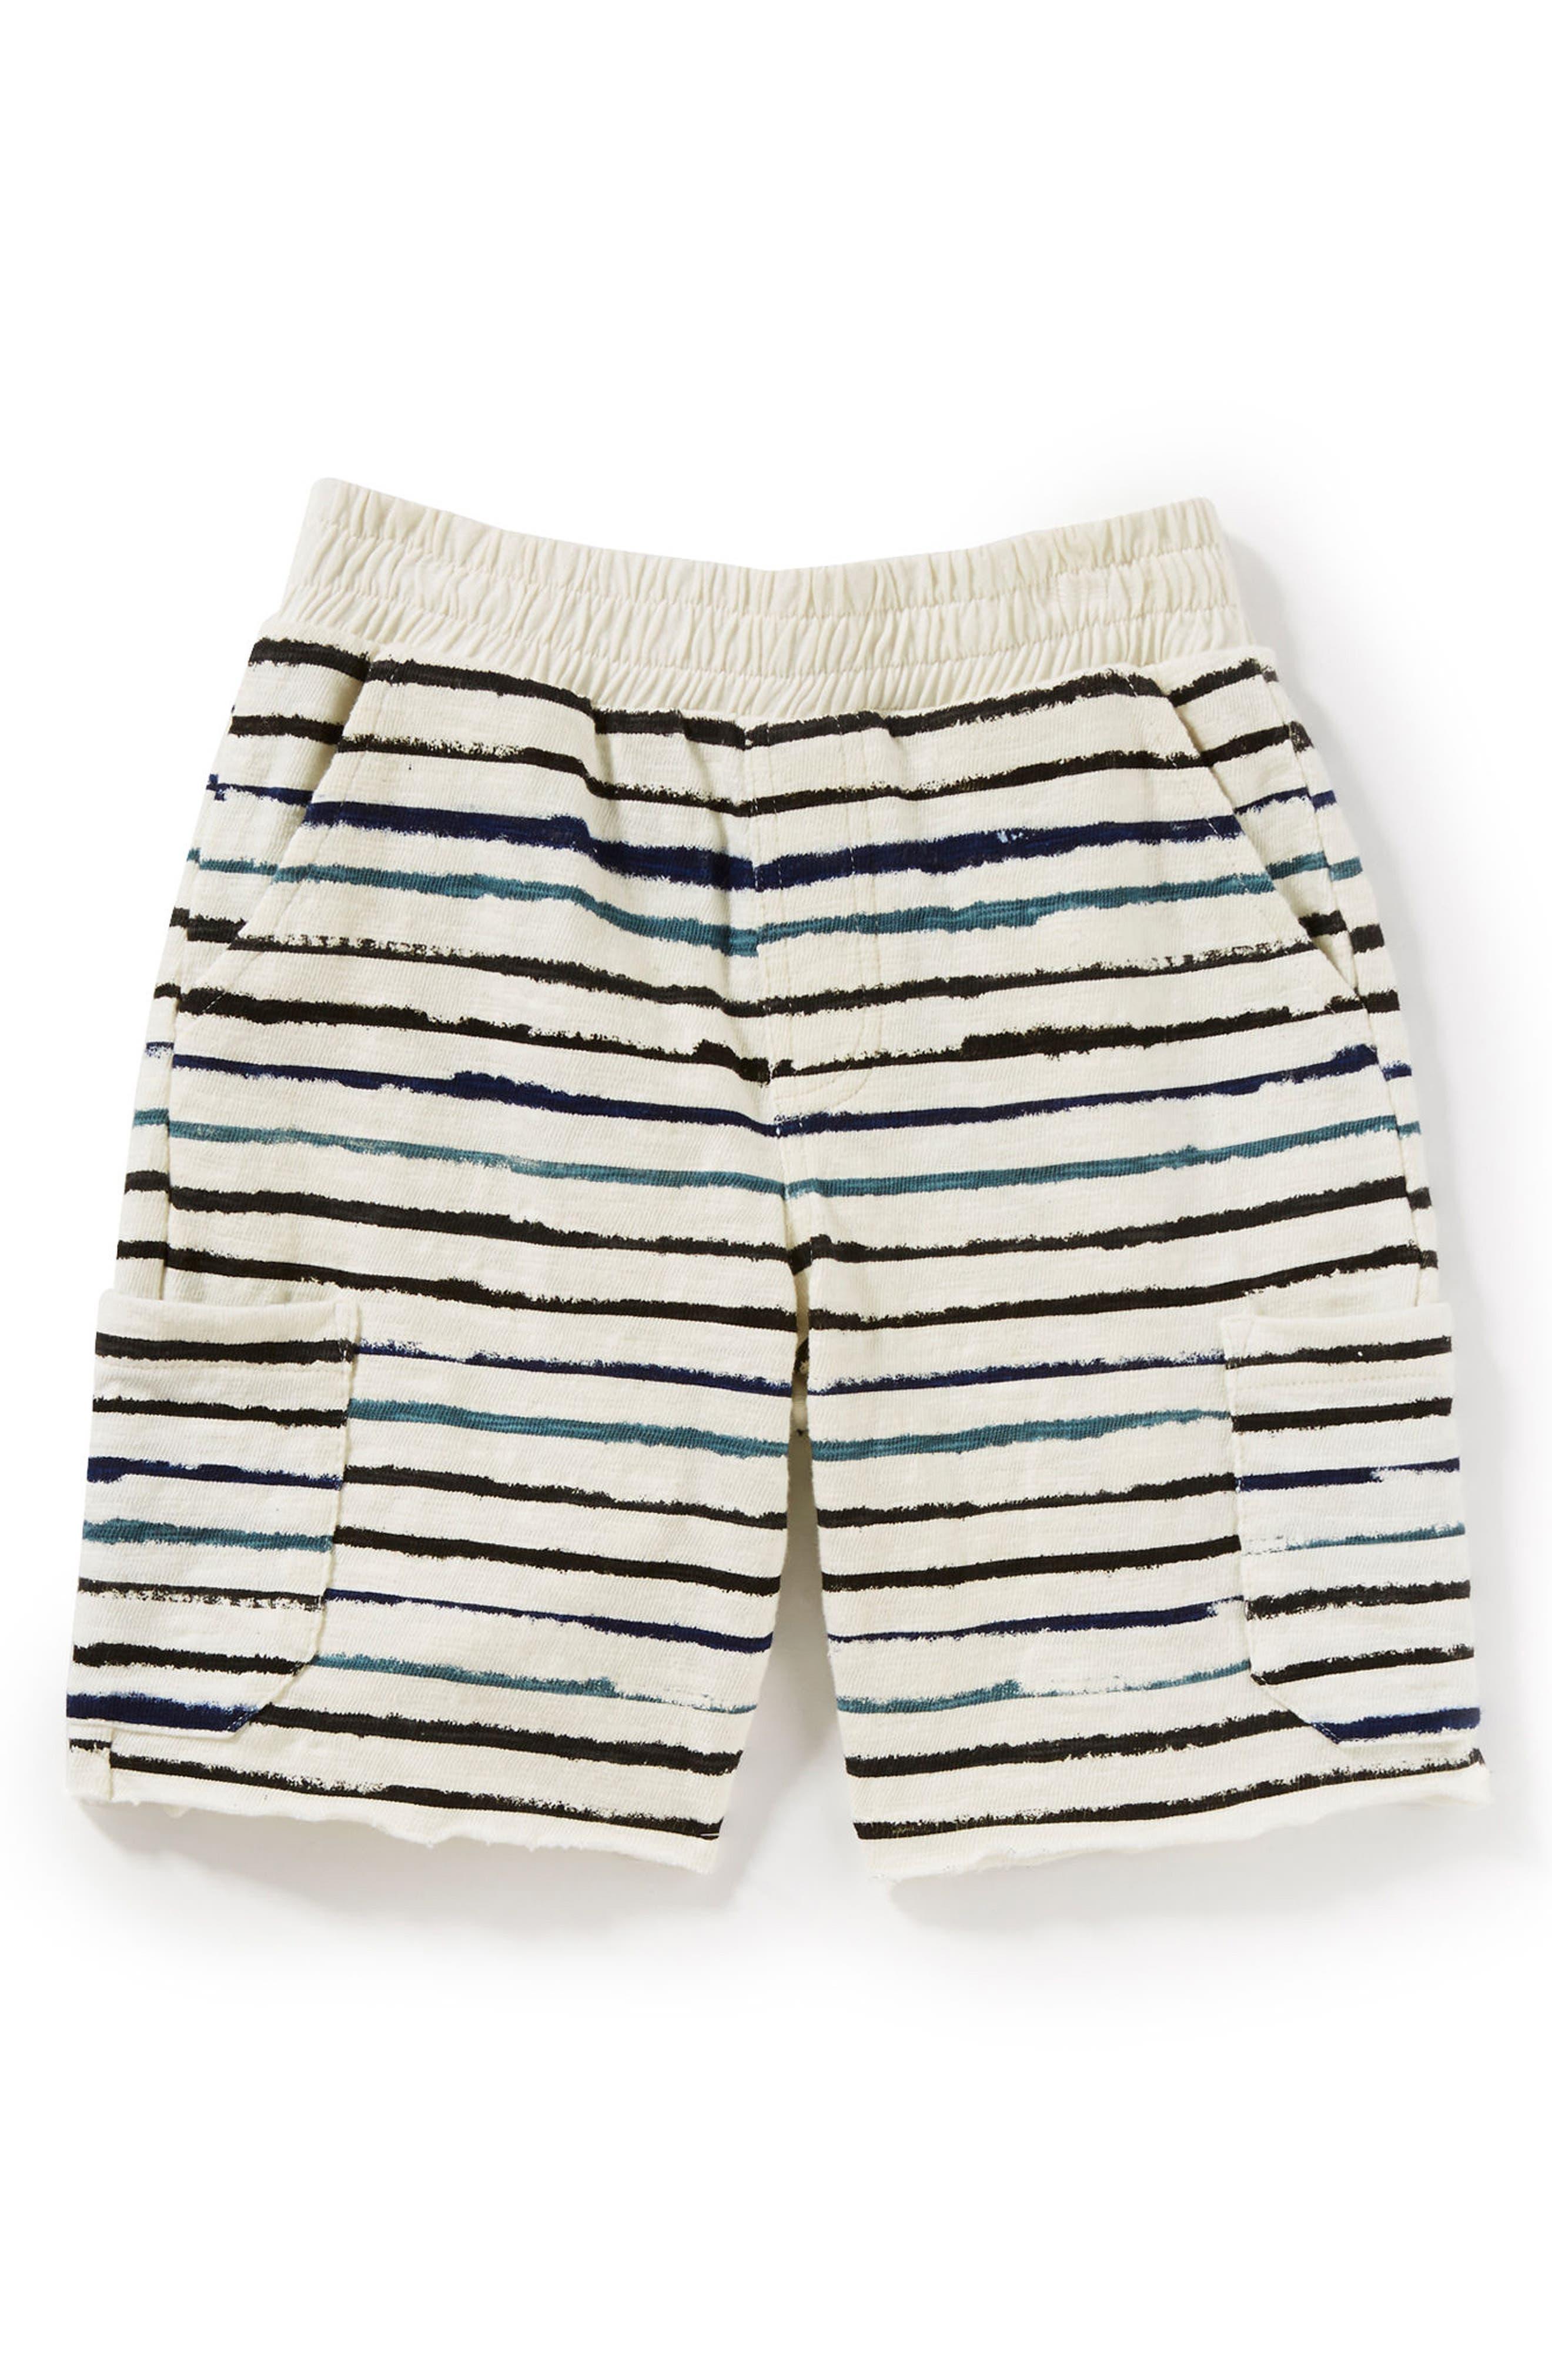 Peek Asher Stripe Shorts,                         Main,                         color, 900